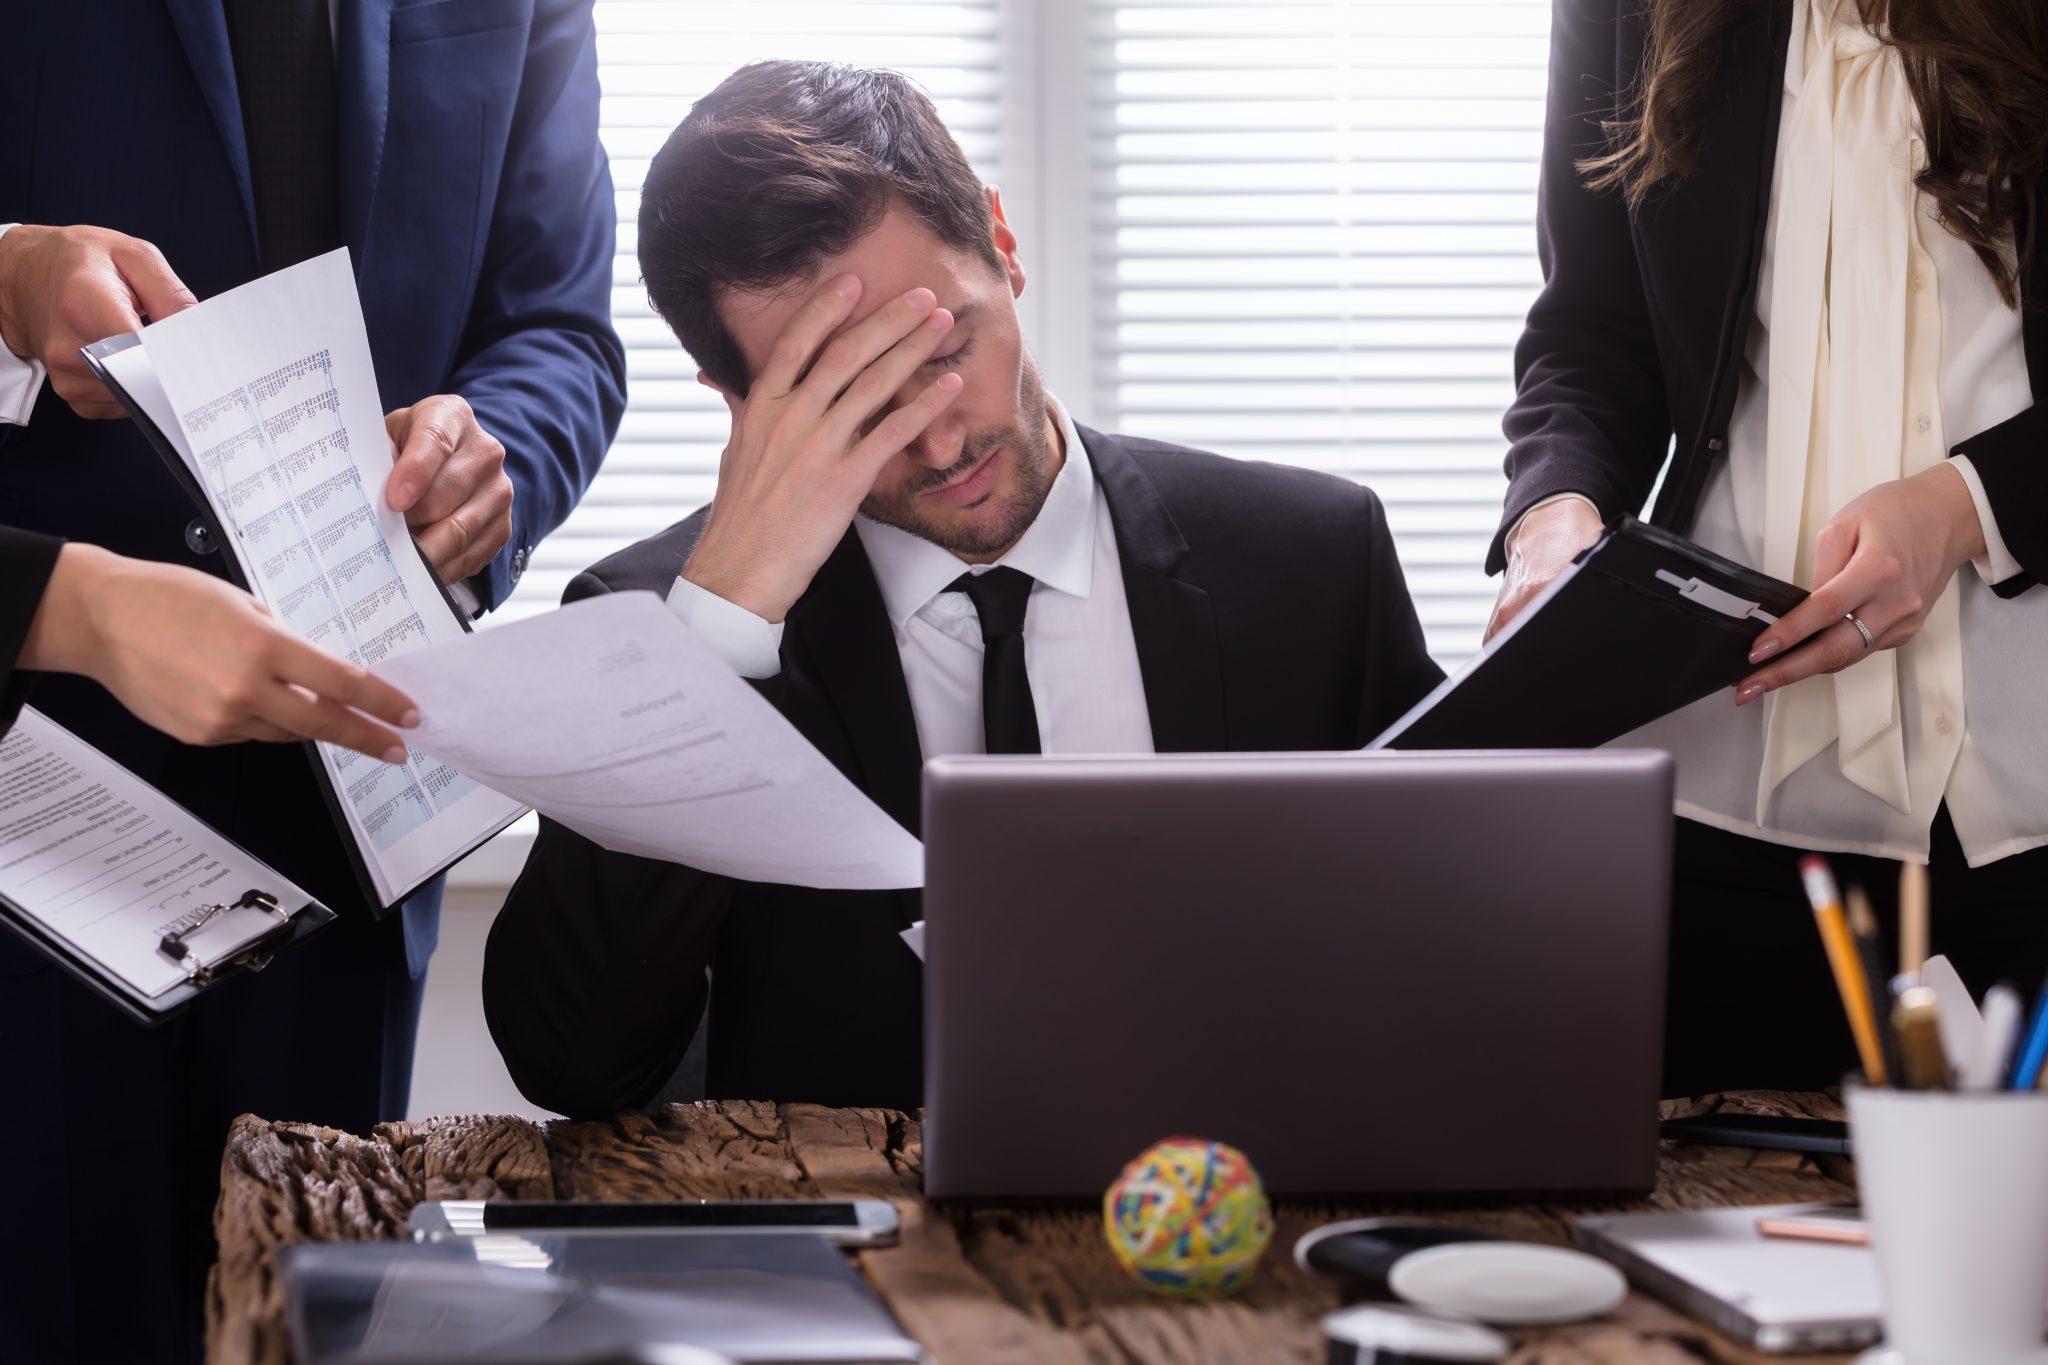 Sindrome Da Rientro Delle Ferie: Evitare Lo Stress Per Evitare Incidenti